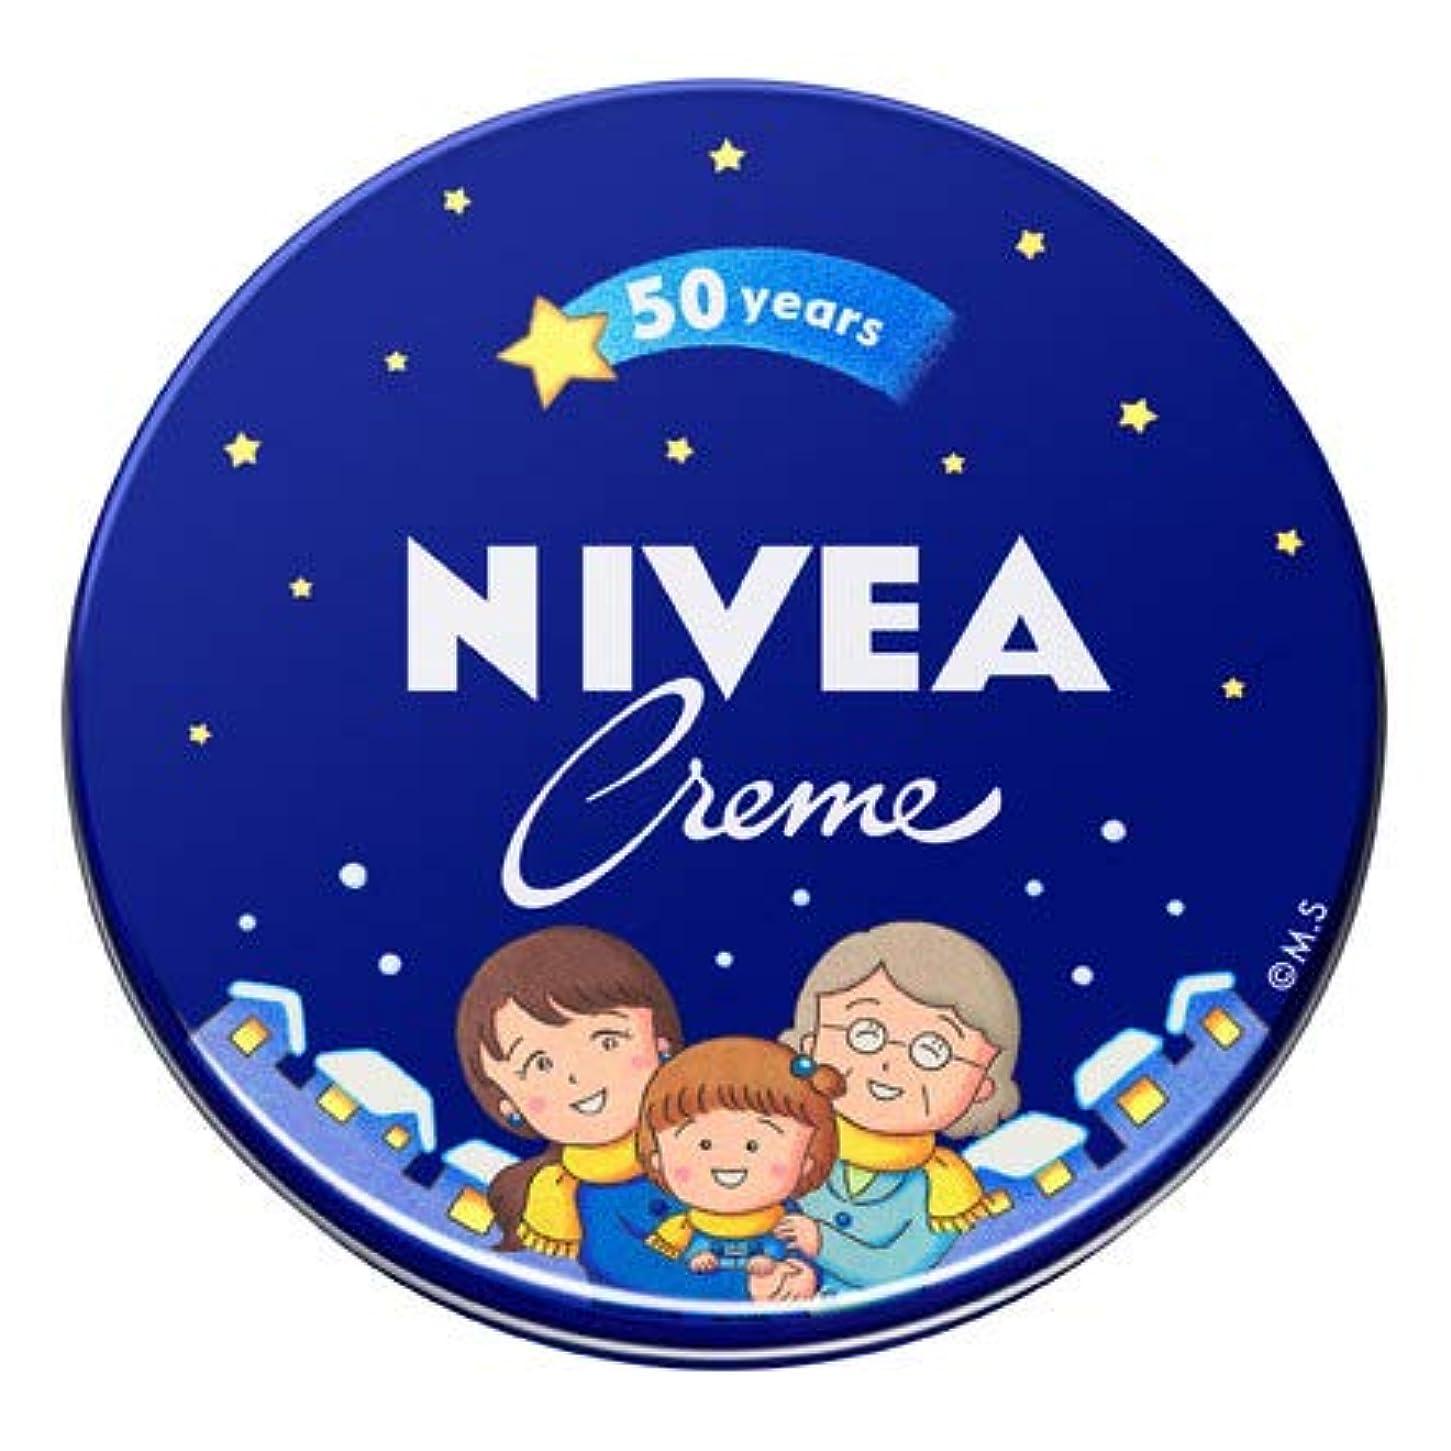 NIVEA ニベアクリーム 中缶 56g さくらももこ限定デザイン